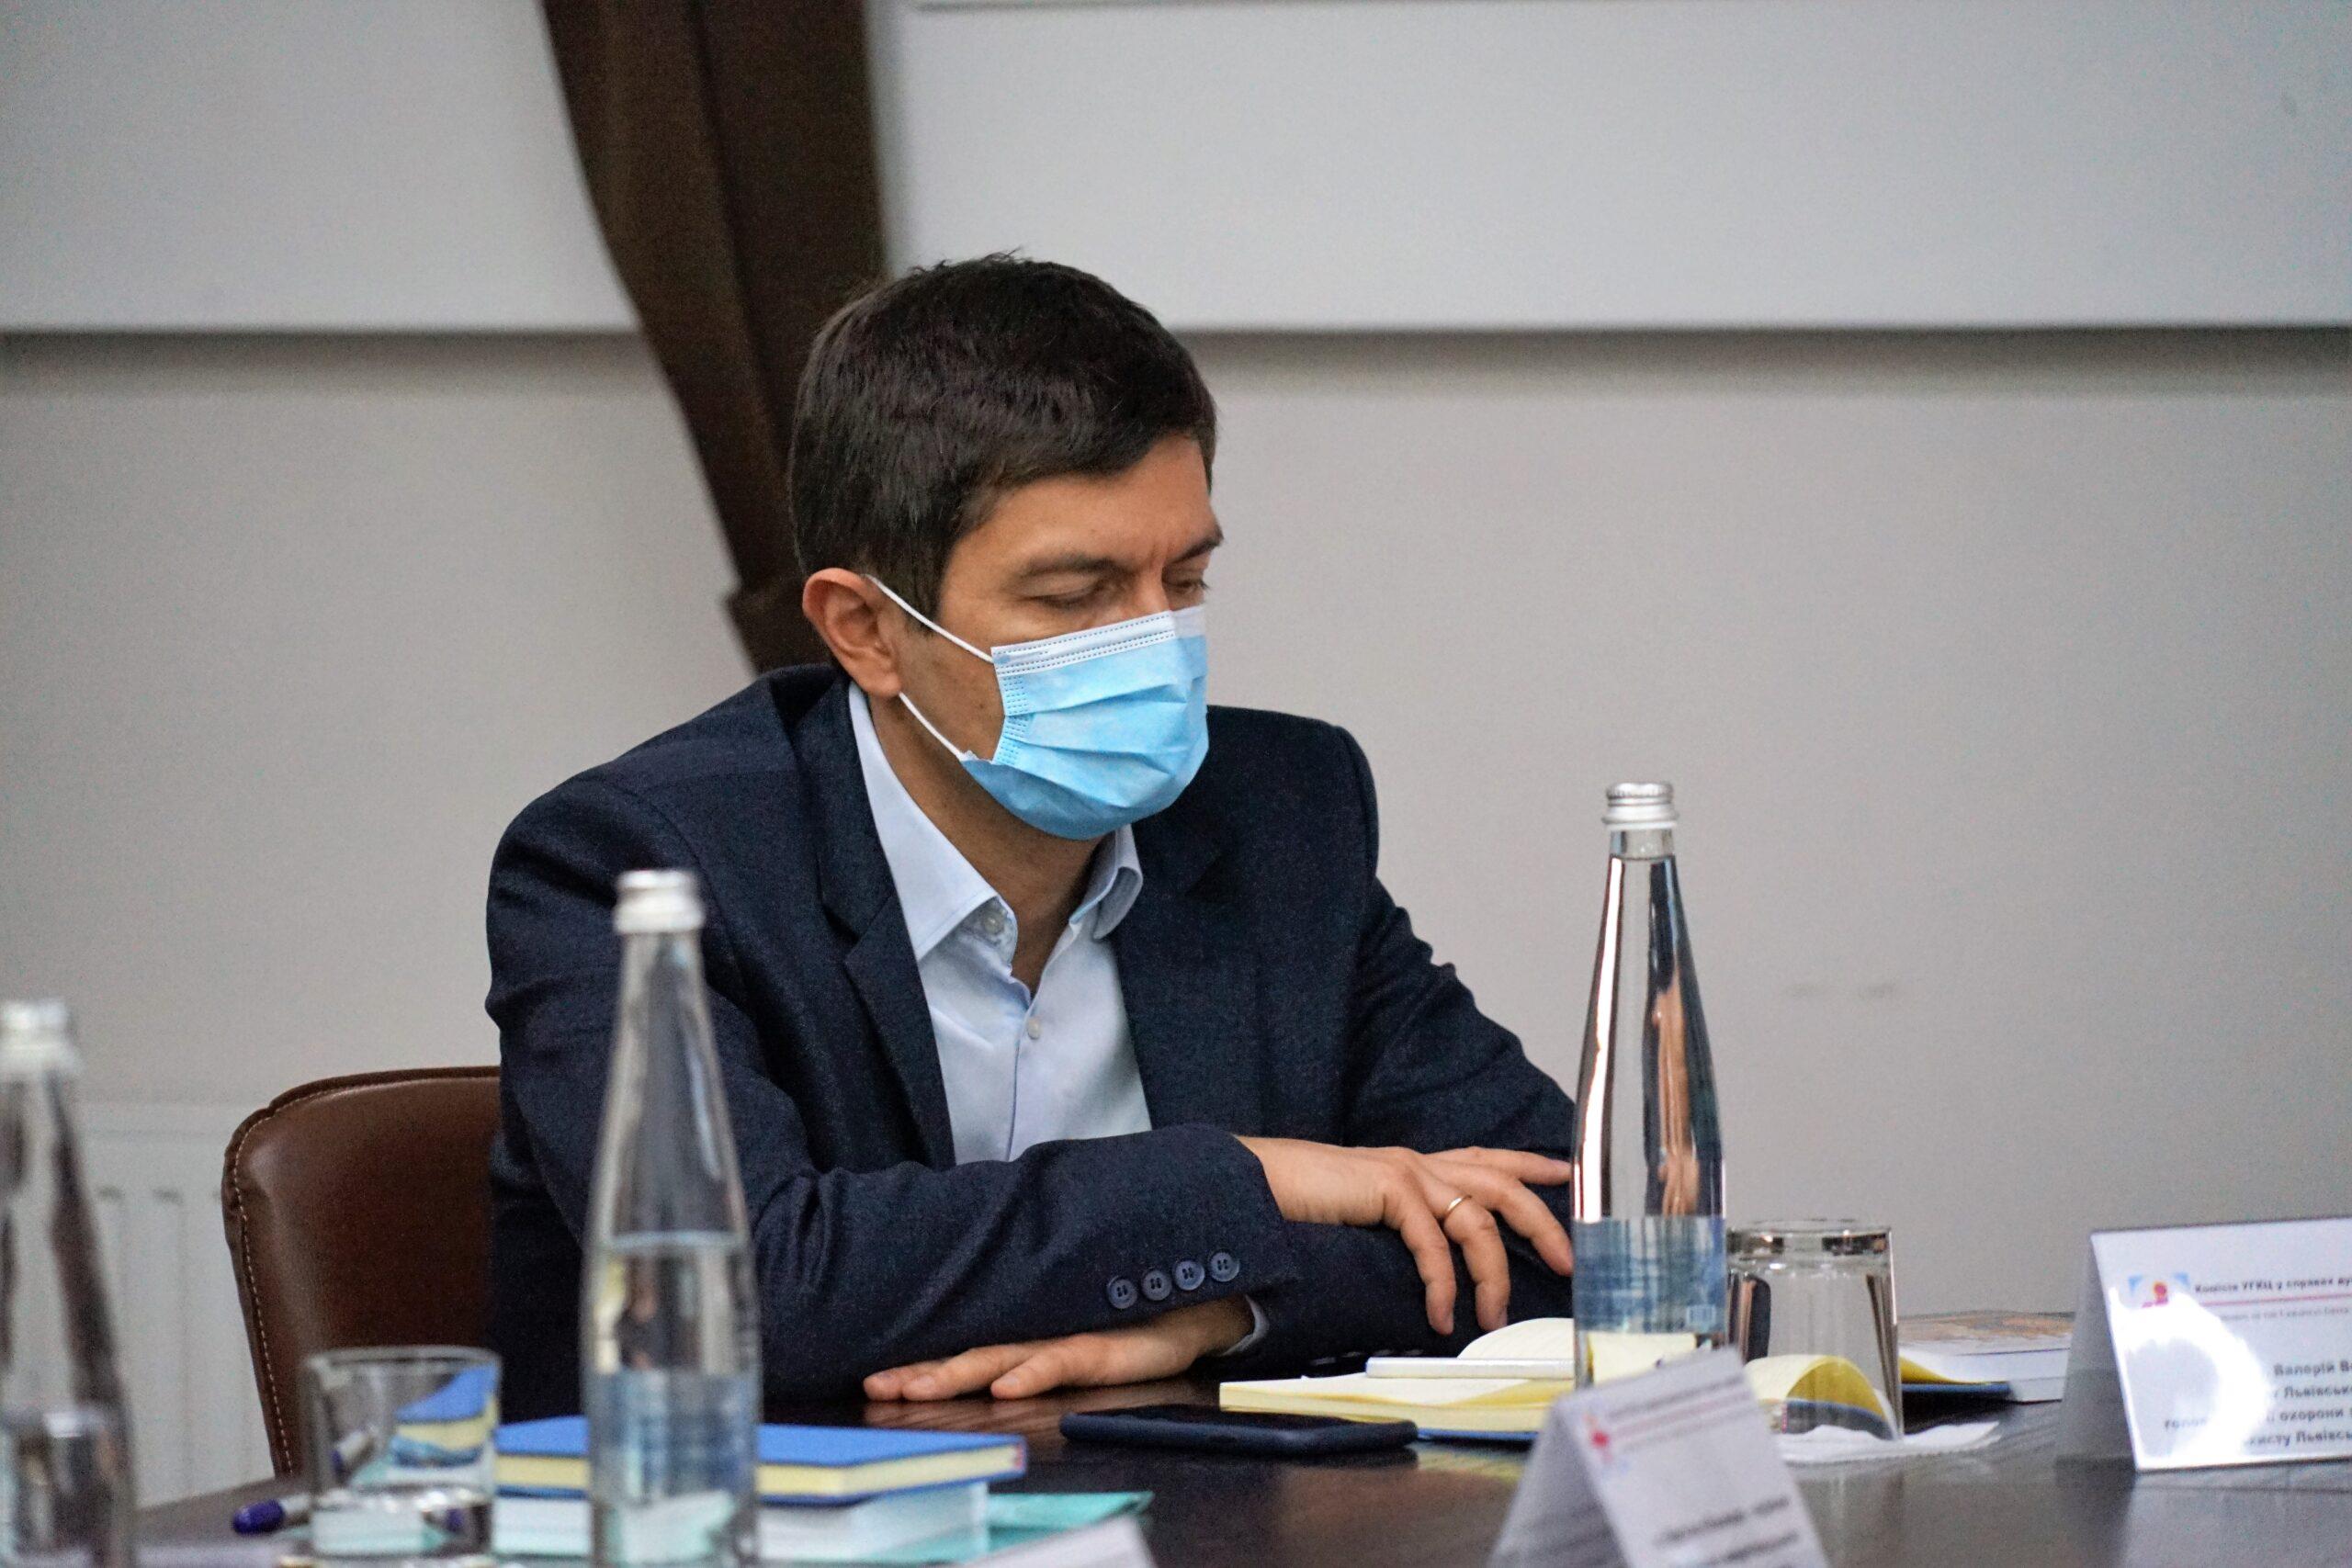 Перспективи розвитку медичного капеланства в Україні обговорили під час круглого столу у Львові_7